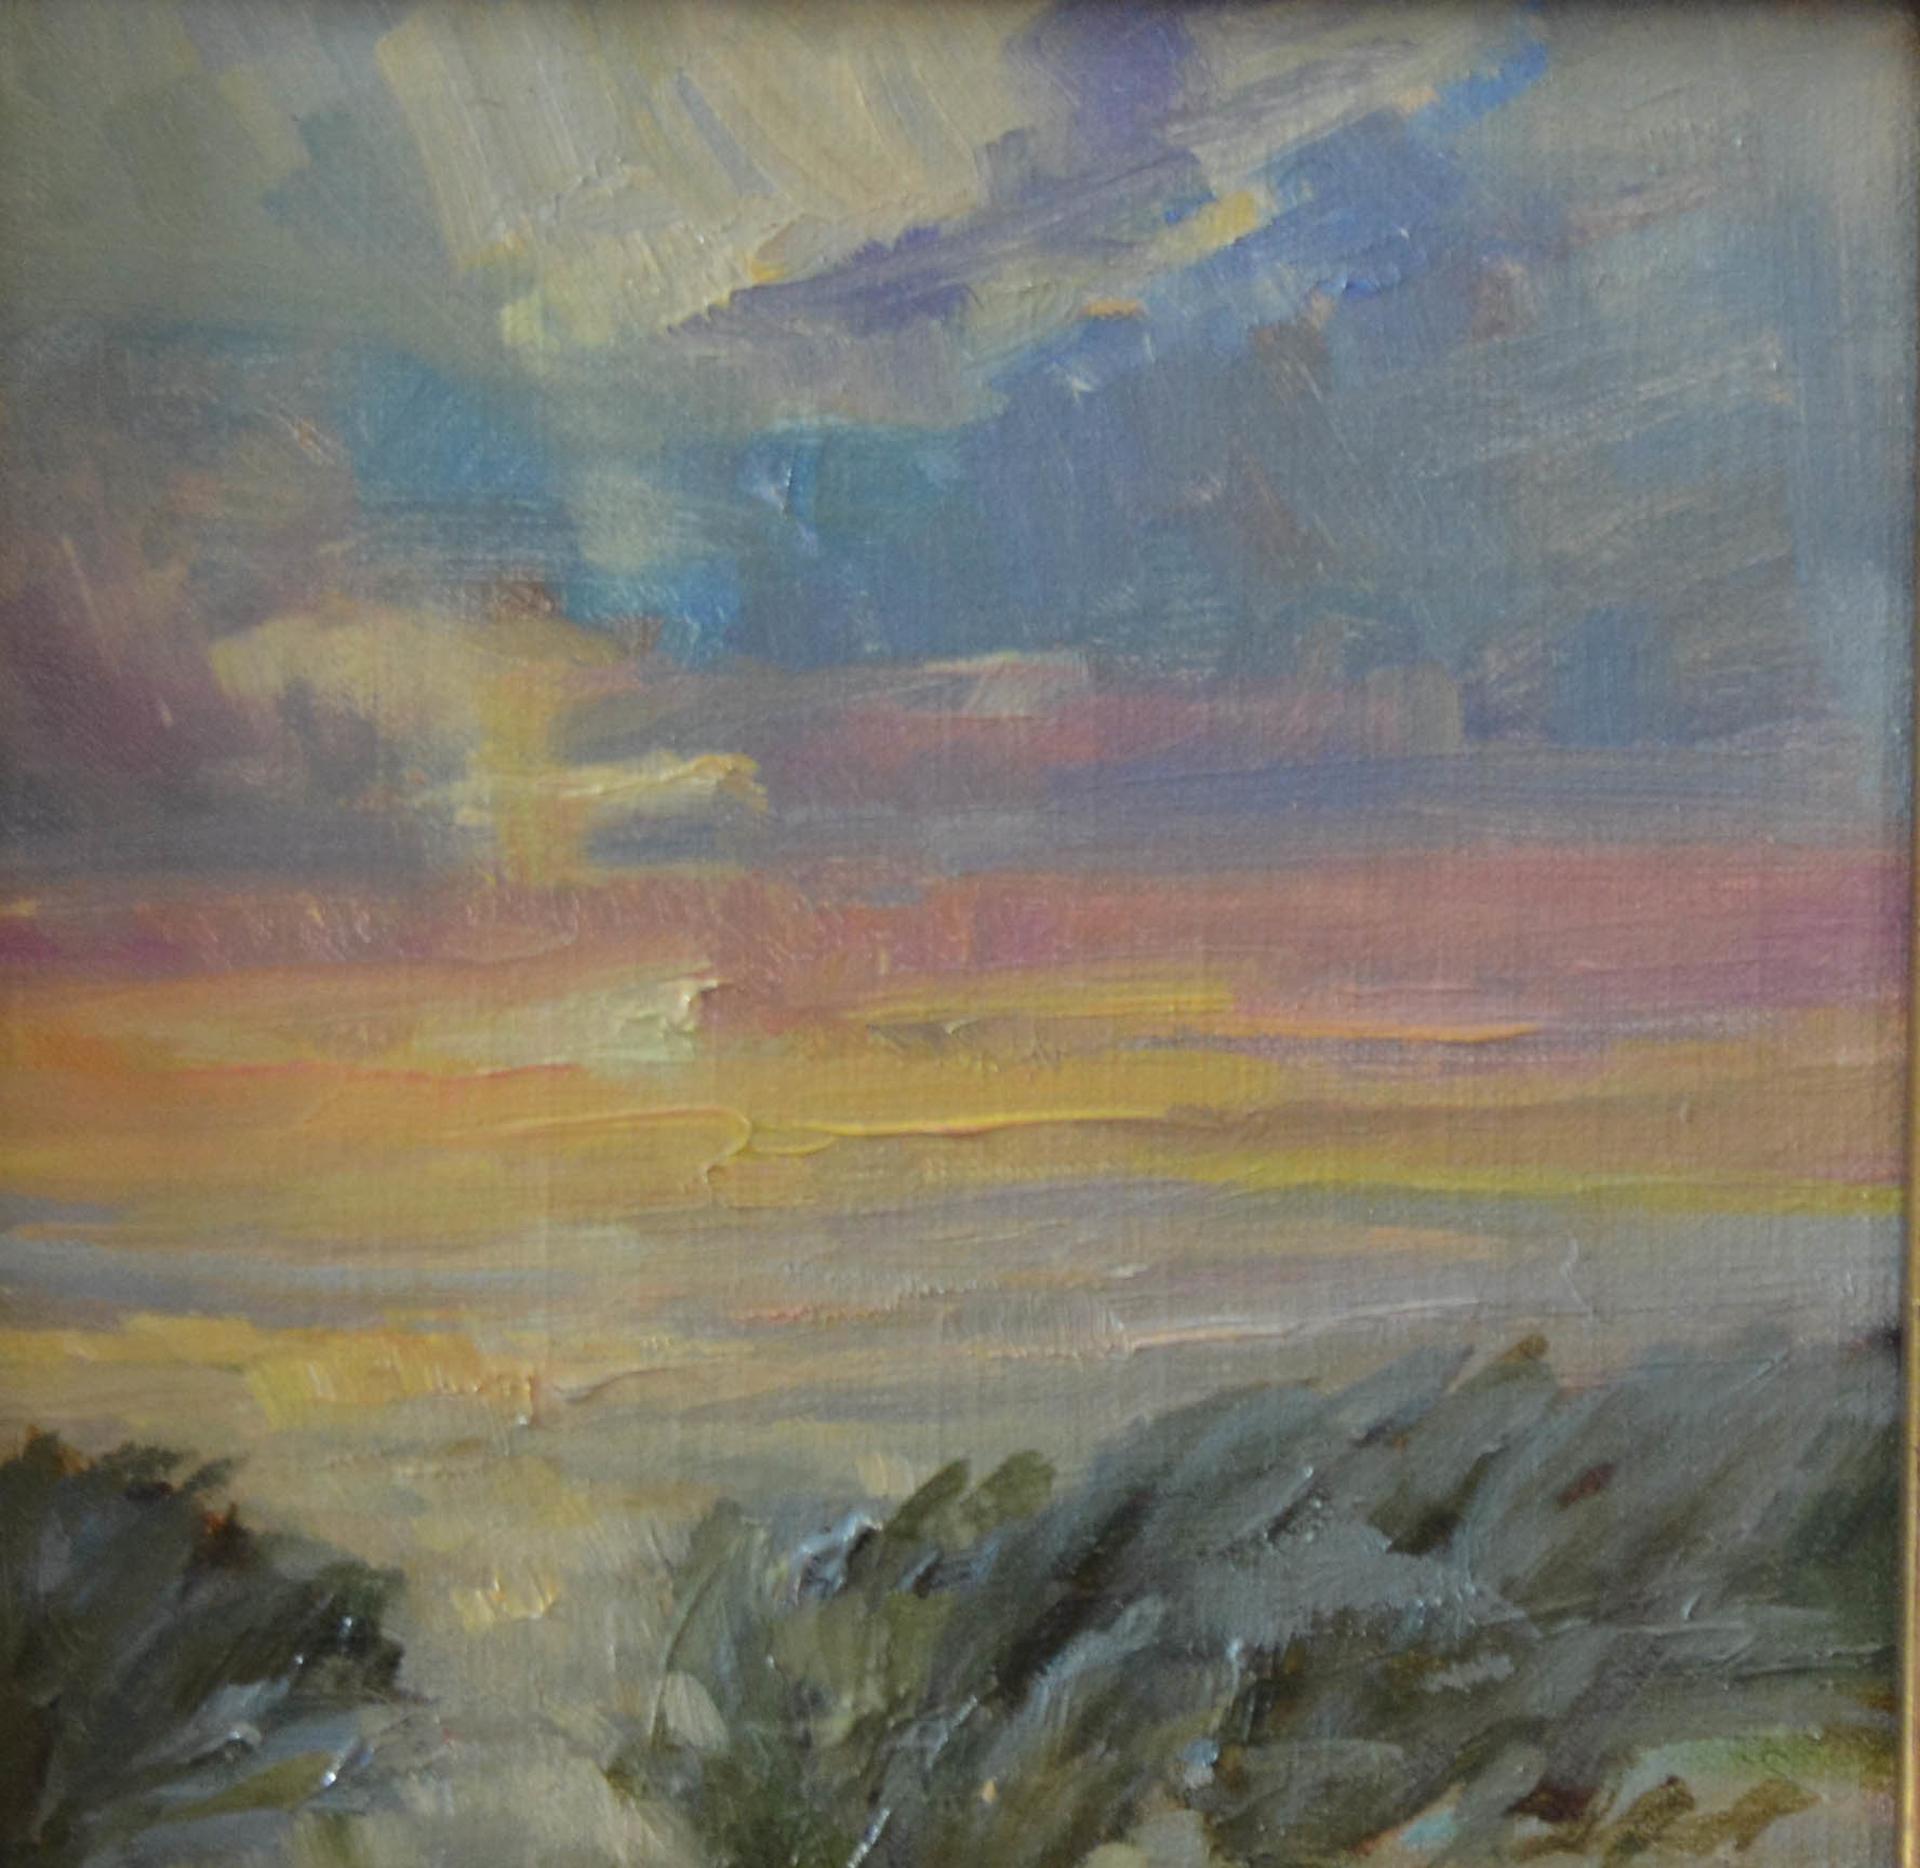 The Quiet of Morning by Karen Hewitt Hagan